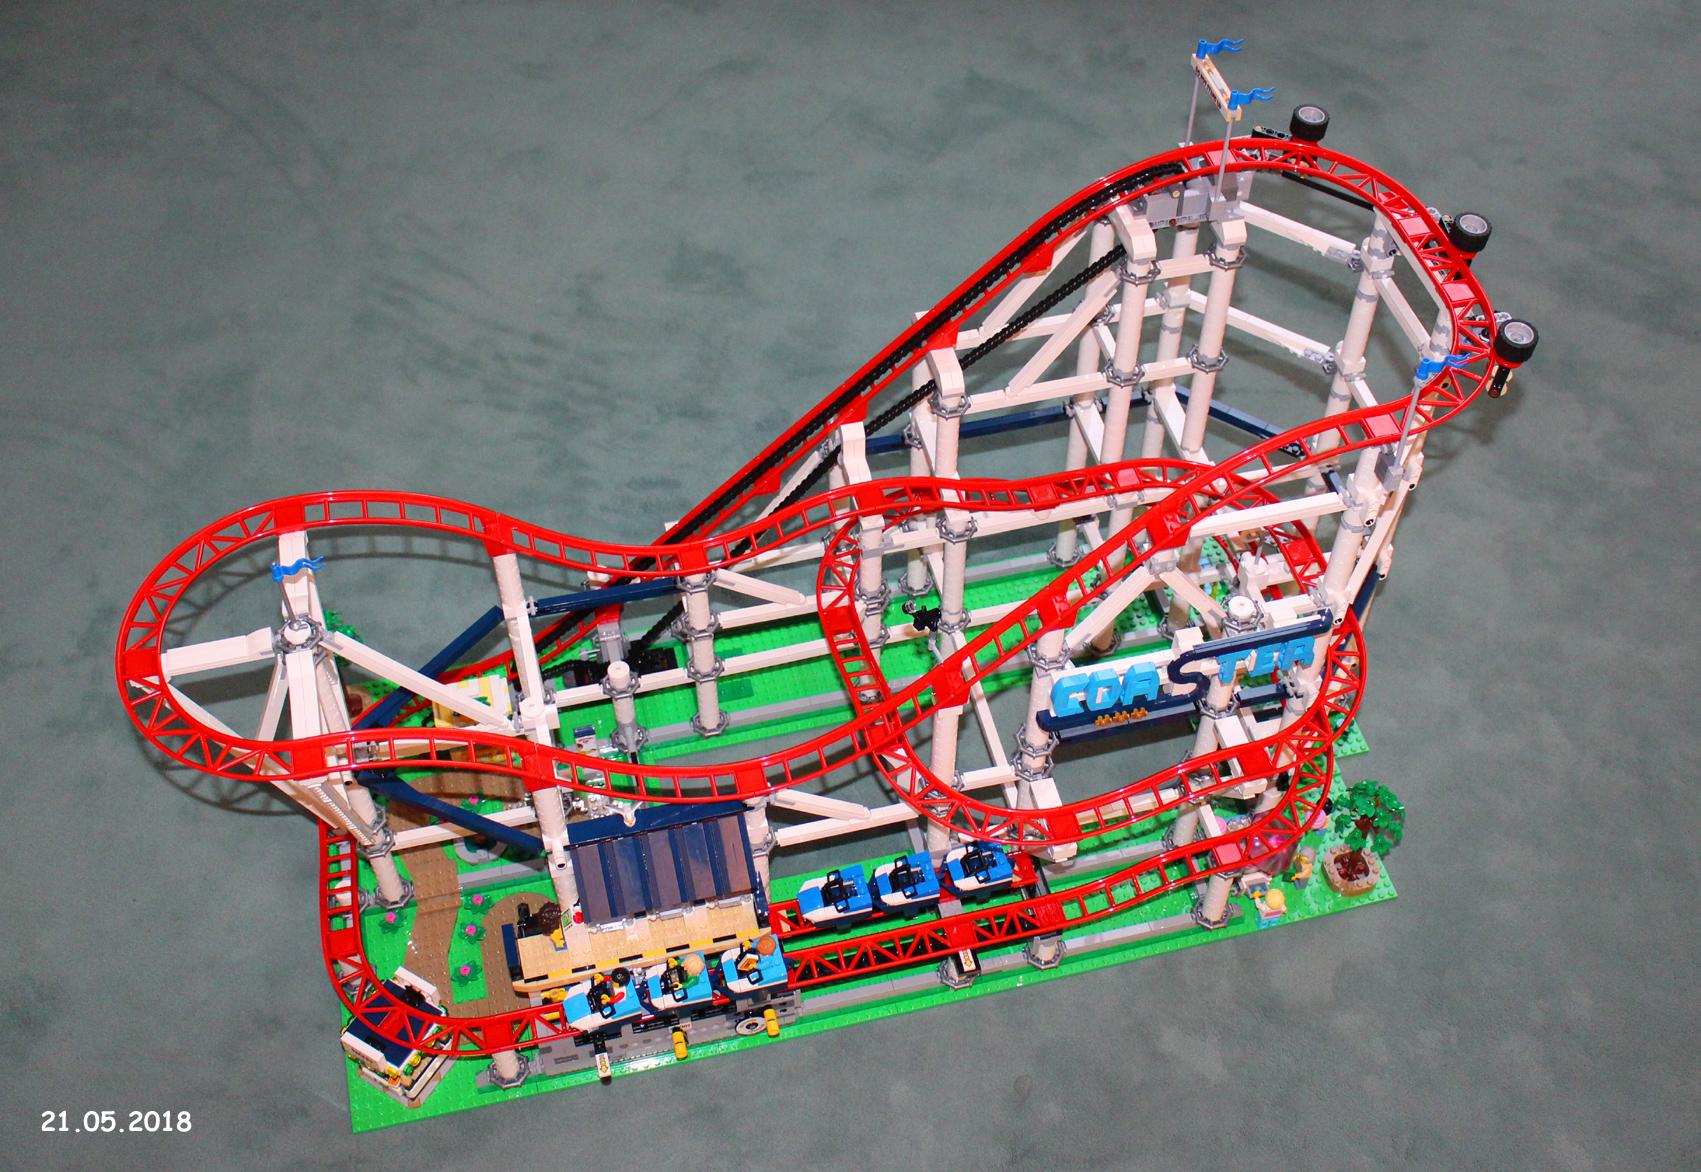 Lego City 05-2018